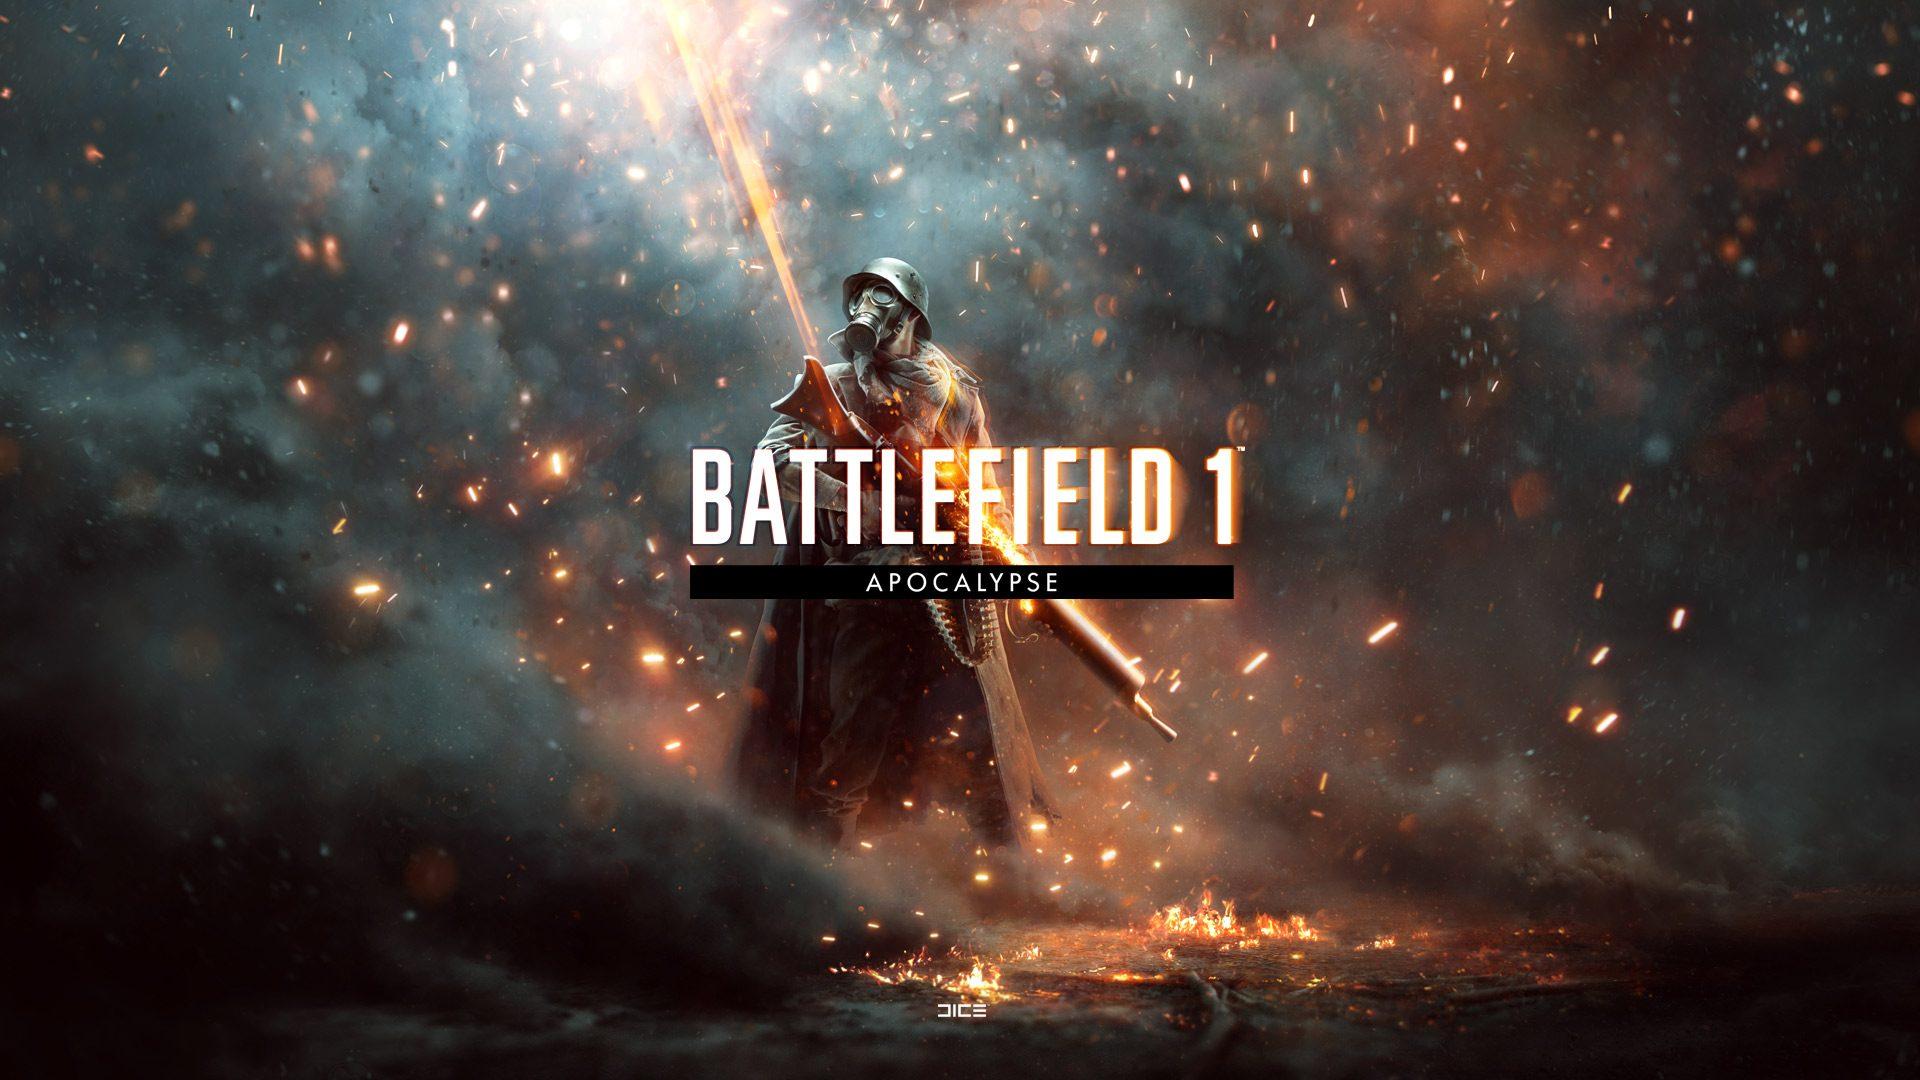 Nå gir EA bort Battlefield 1-utgivelse